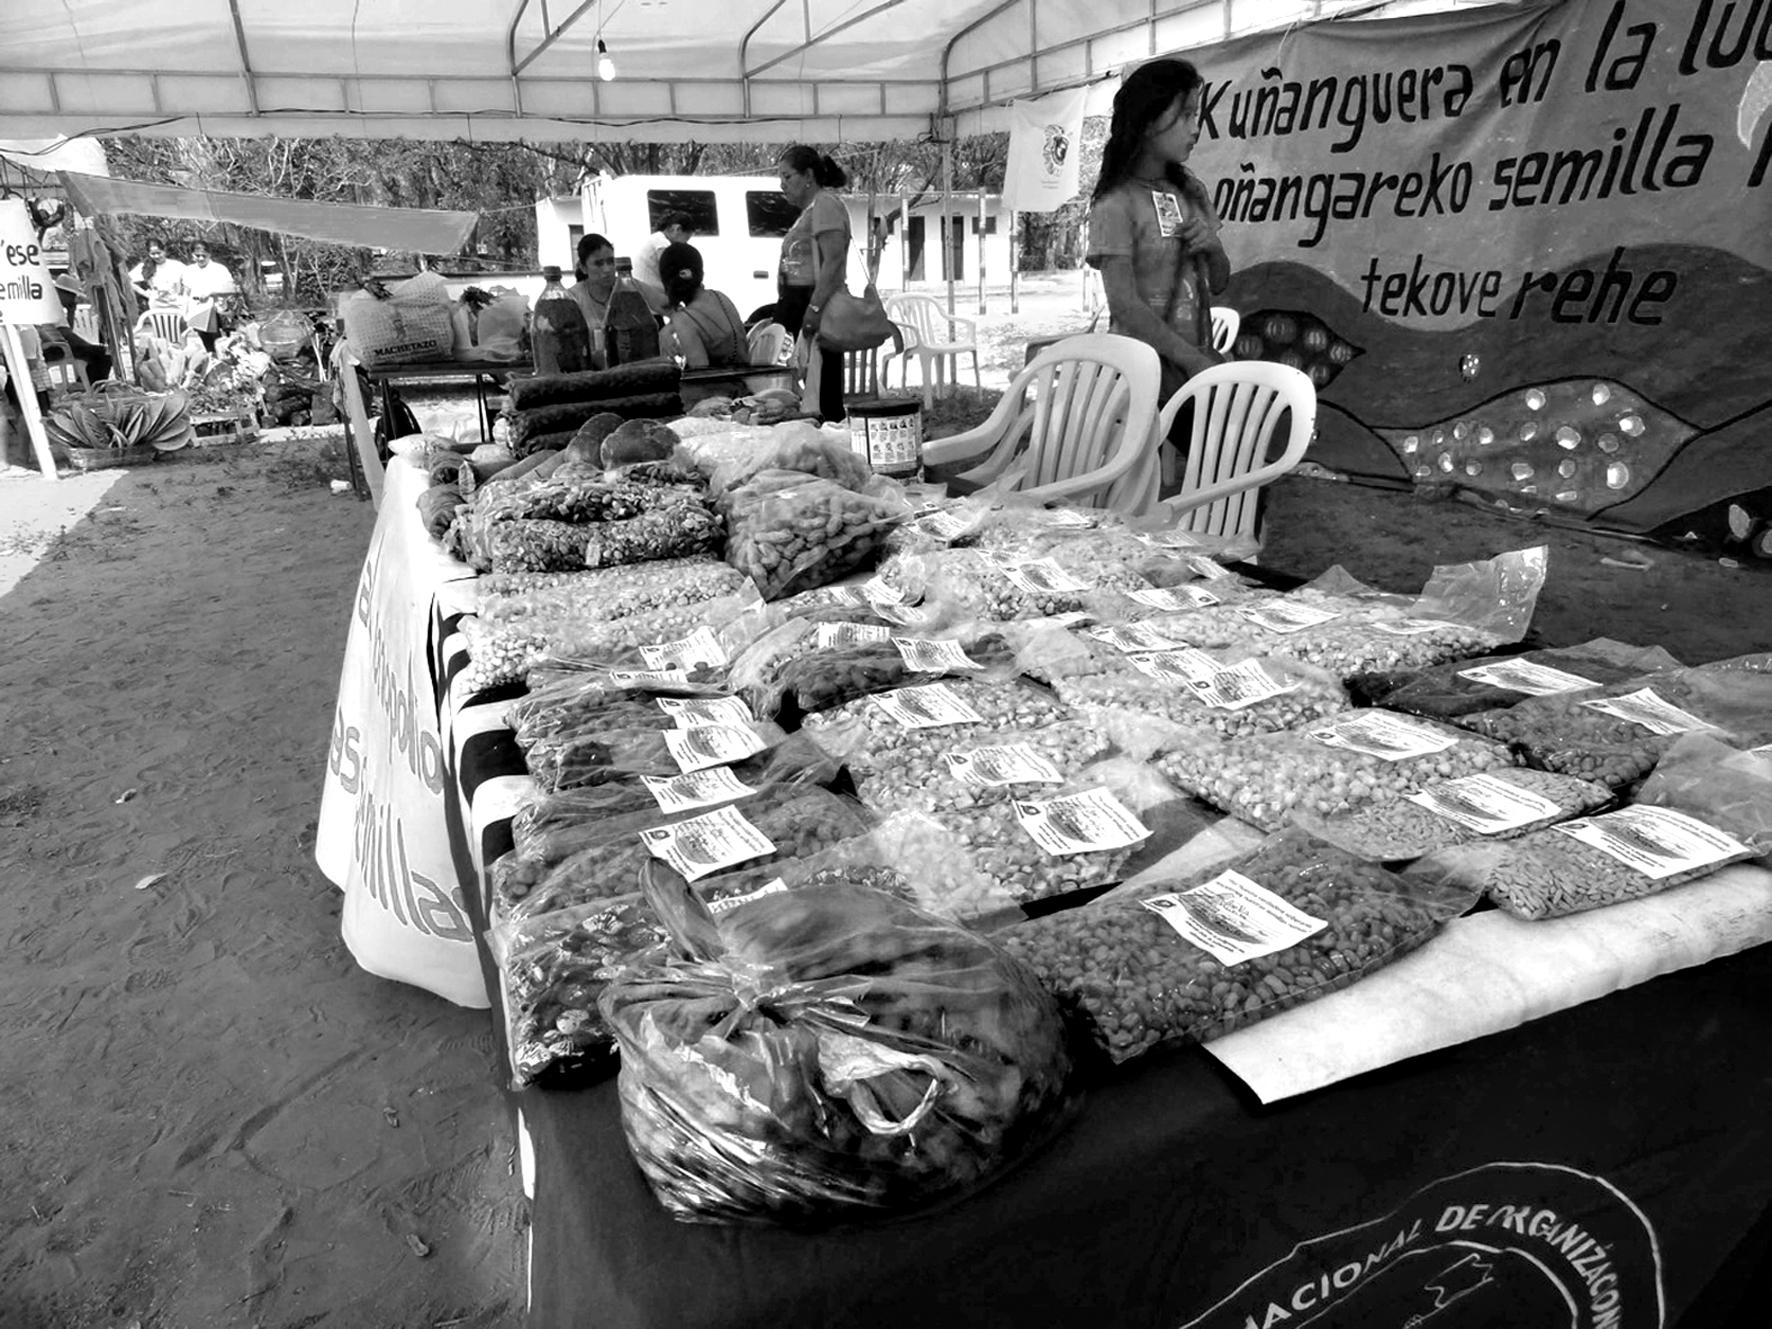 La culture, l'échange et la vente de semences indigènes jouent un rôle crucial pour la survie des populations autochtones et des paysans, ainsi que pour la sécurité alimentaire. Photo : Heñoi Jey Paraguay